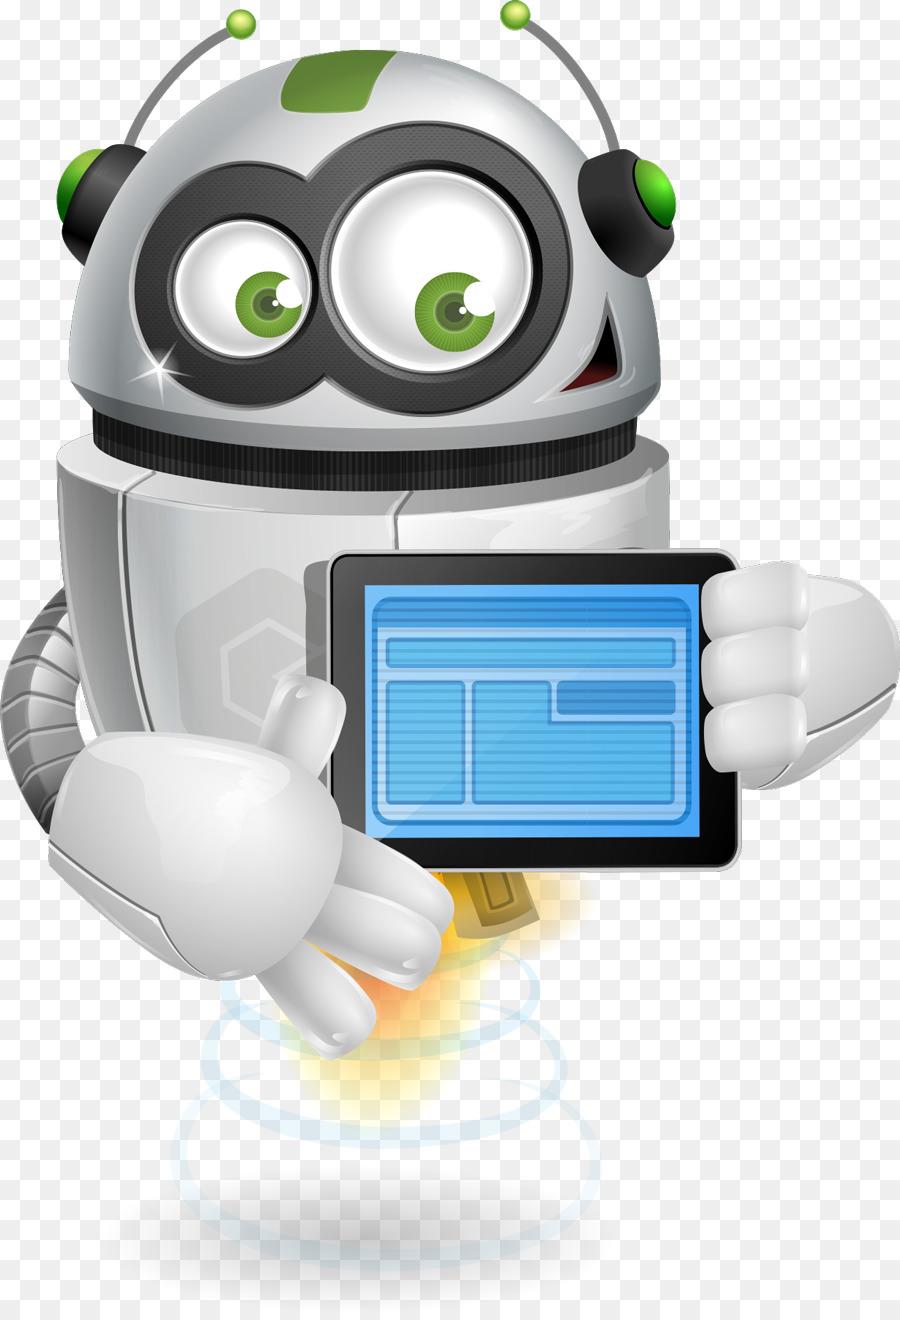 robot opsi biner perdagangan otomatis